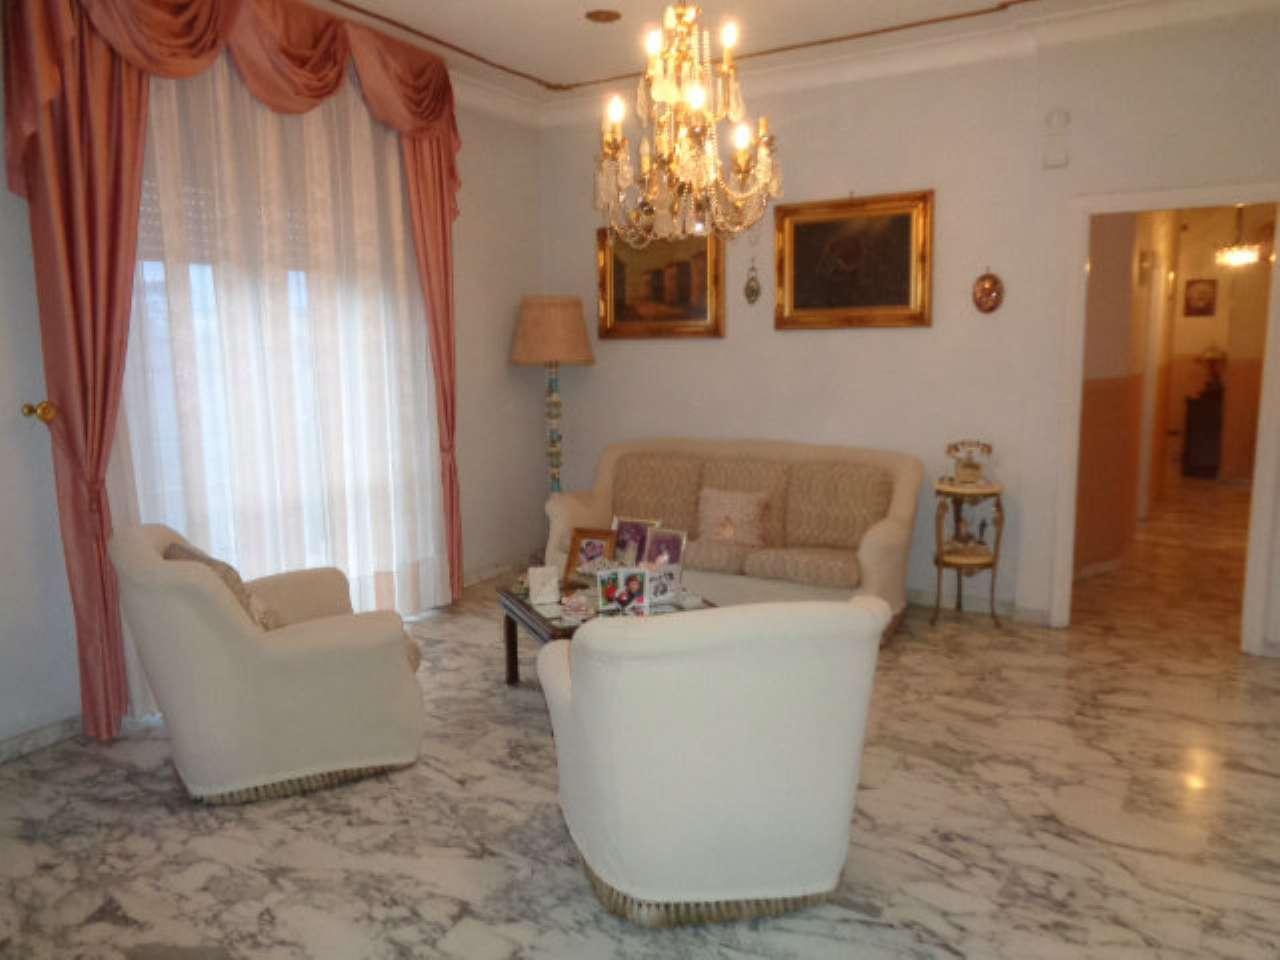 Appartamento in vendita a Marano di Napoli, 3 locali, prezzo € 113.000 | CambioCasa.it